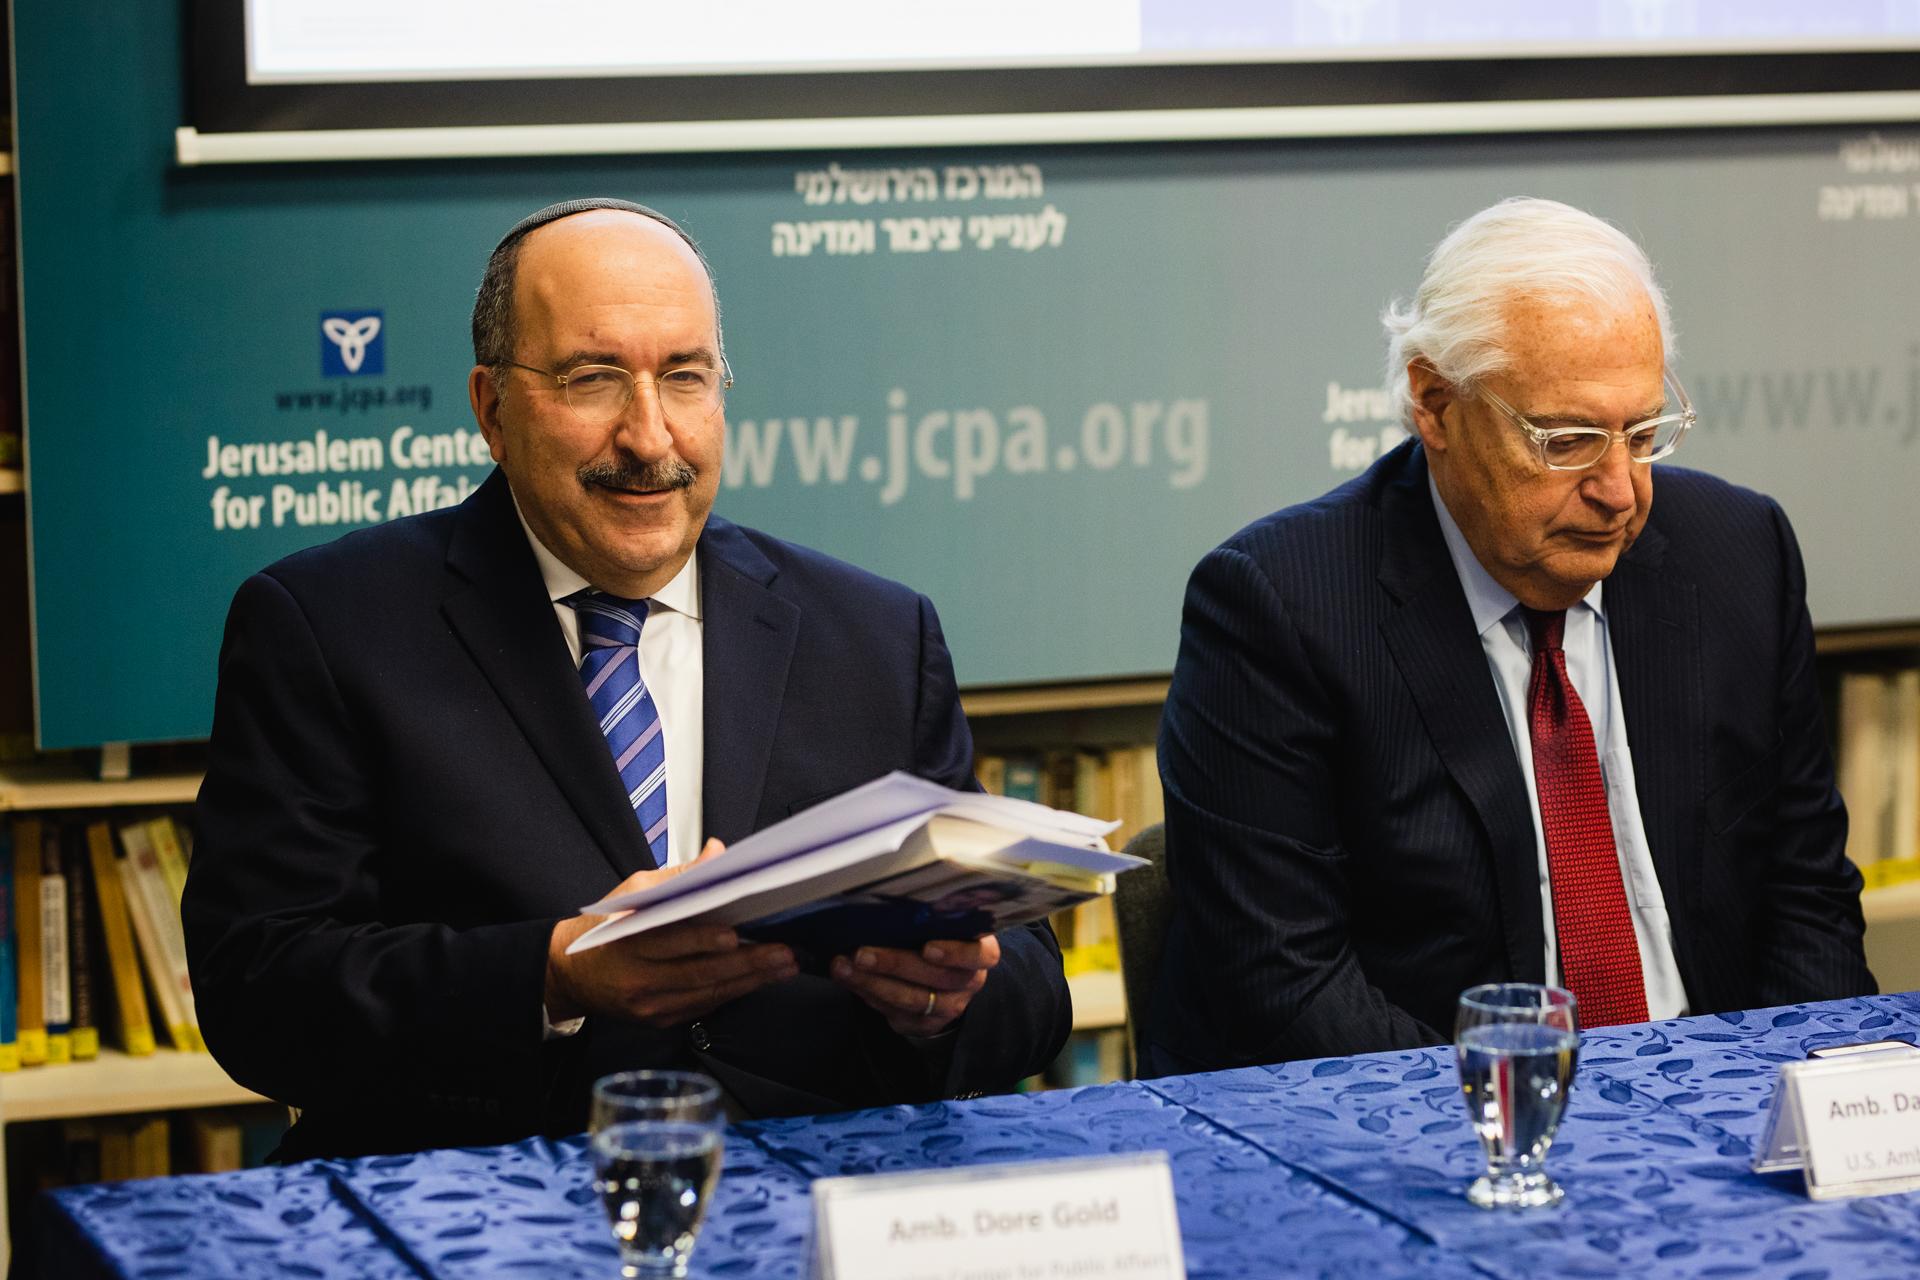 """ד""""ר דורי גולד נשיא המרכז הירושלמי לענייני ציבור ומדינה והשגריר פרידמן"""